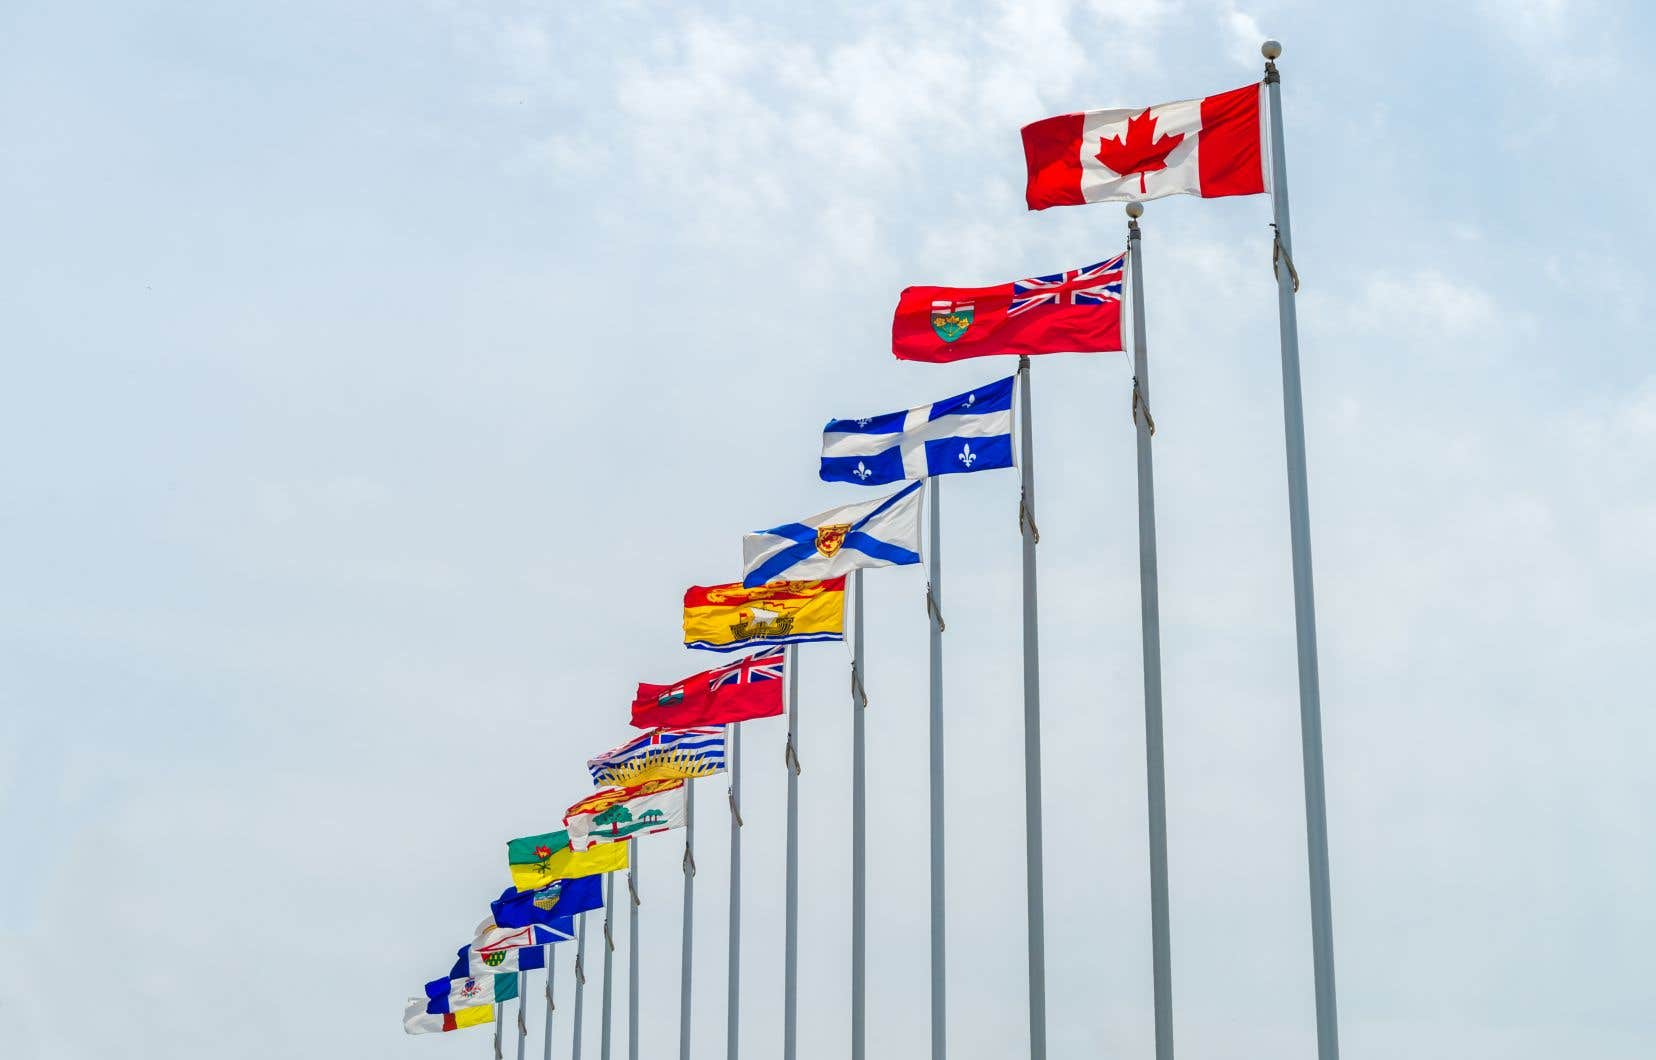 «L'abandon du financement du projet de l'Université de l'Ontario français marque aussi un recul important pour la francophonie canadienne et tout le pays», estiment les auteurs.